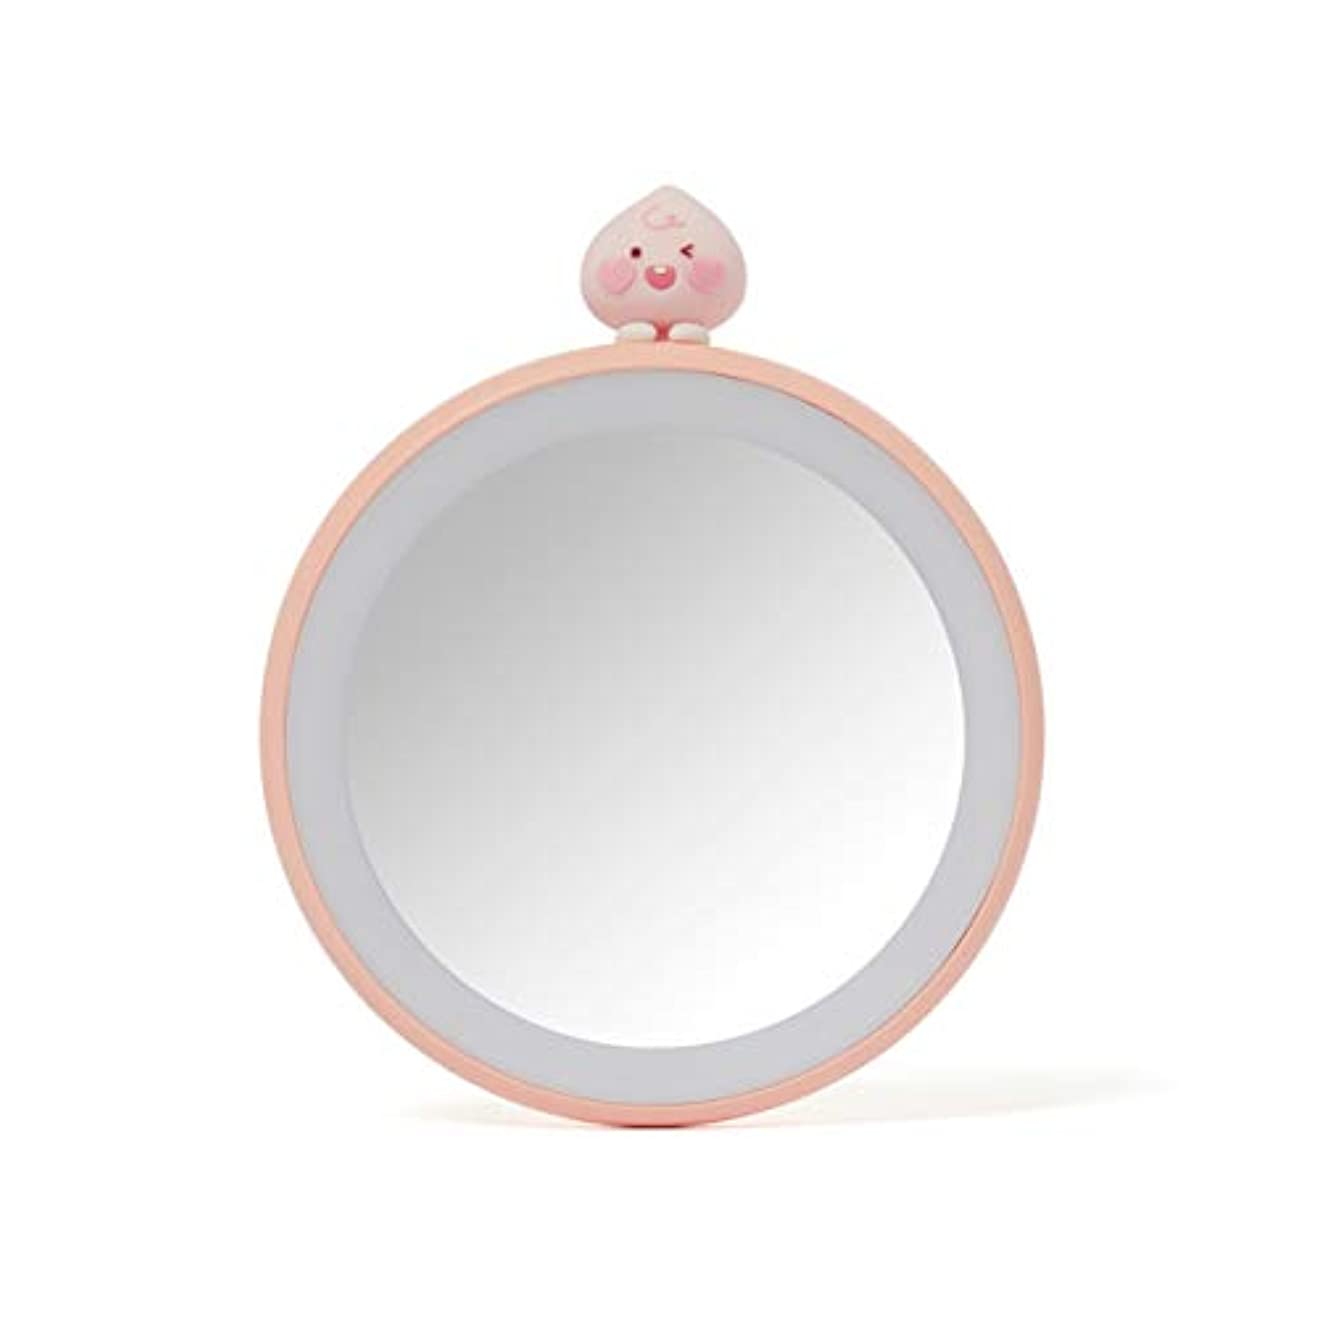 羨望ミル稼ぐ[オフィシャル] カカオフレンズ - TWICE EDITION LEDライト付きハンドミラー KAKAO FRIENDS - TWICE EDITION Lighted Mirror (Apeach)